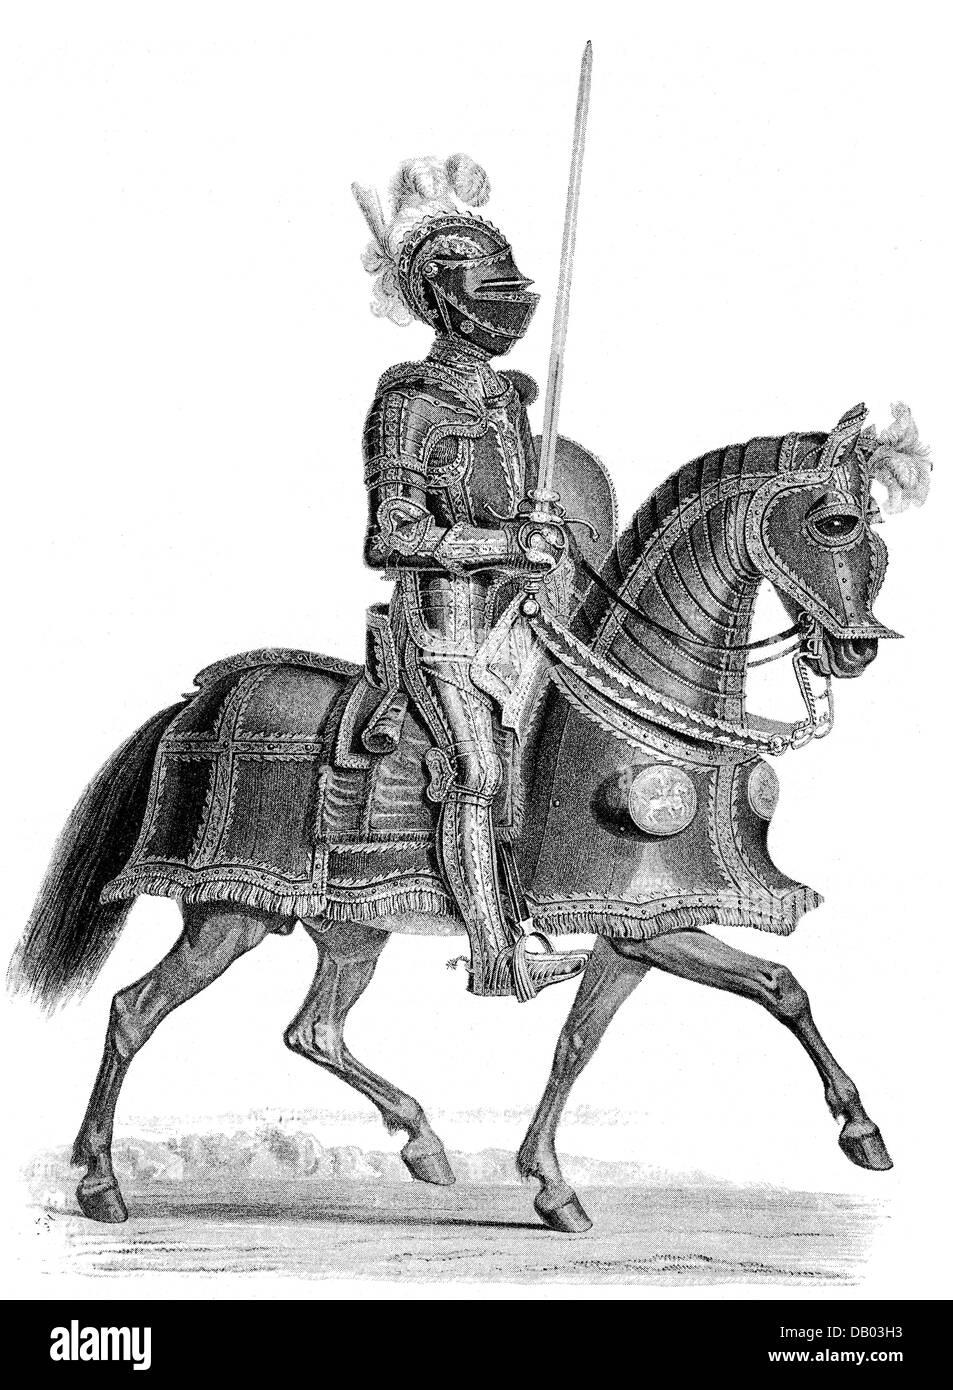 Militari, armi e armature, corazza tedeschi della prima metà del XVI secolo, incisione del XIX secolo, dopo Immagini Stock